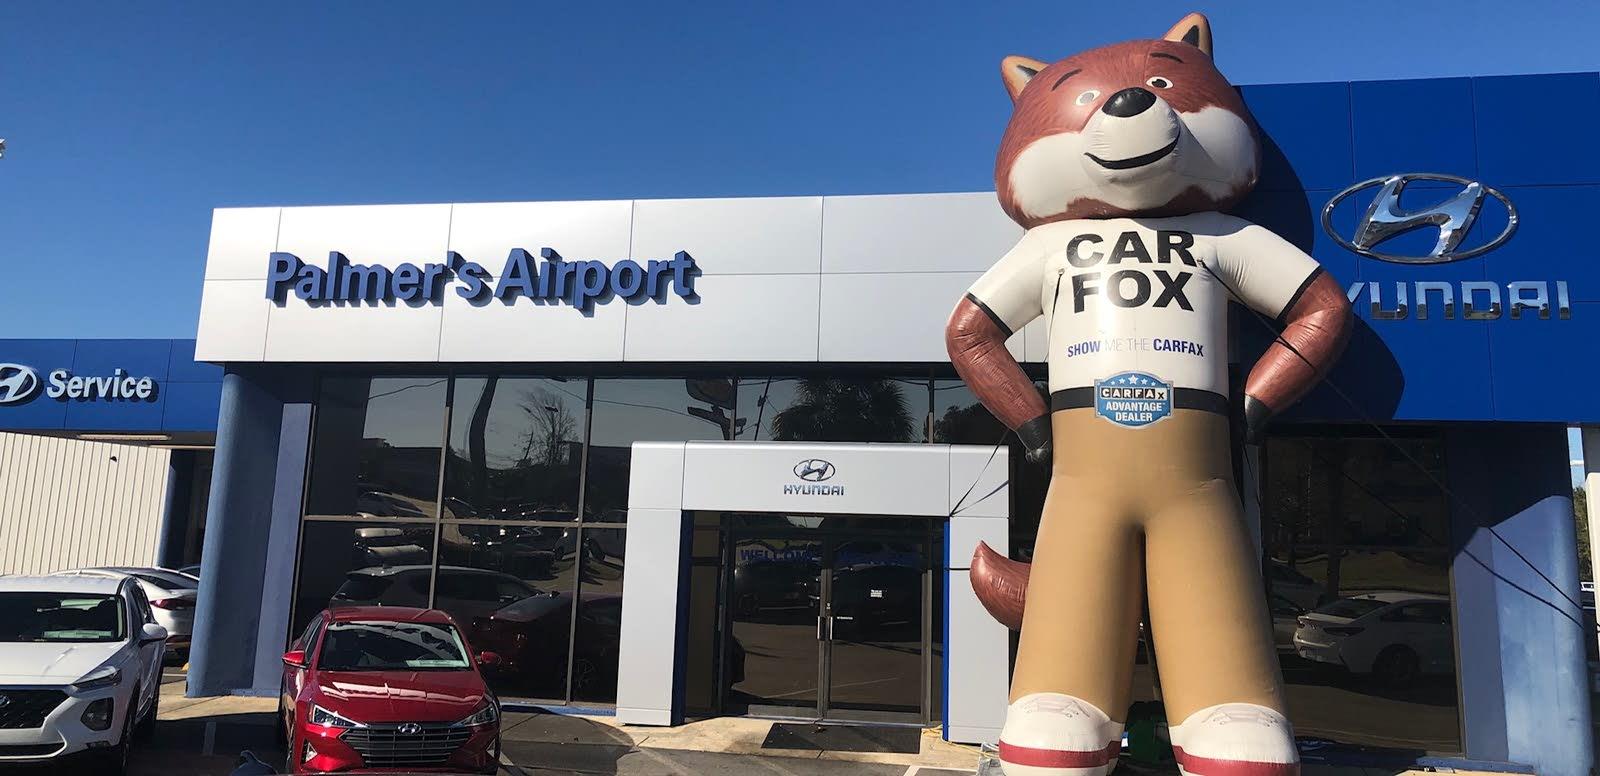 Honda Dealership Mobile Al >> Palmer's Airport Hyundai - Mobile, AL: Read Consumer ...